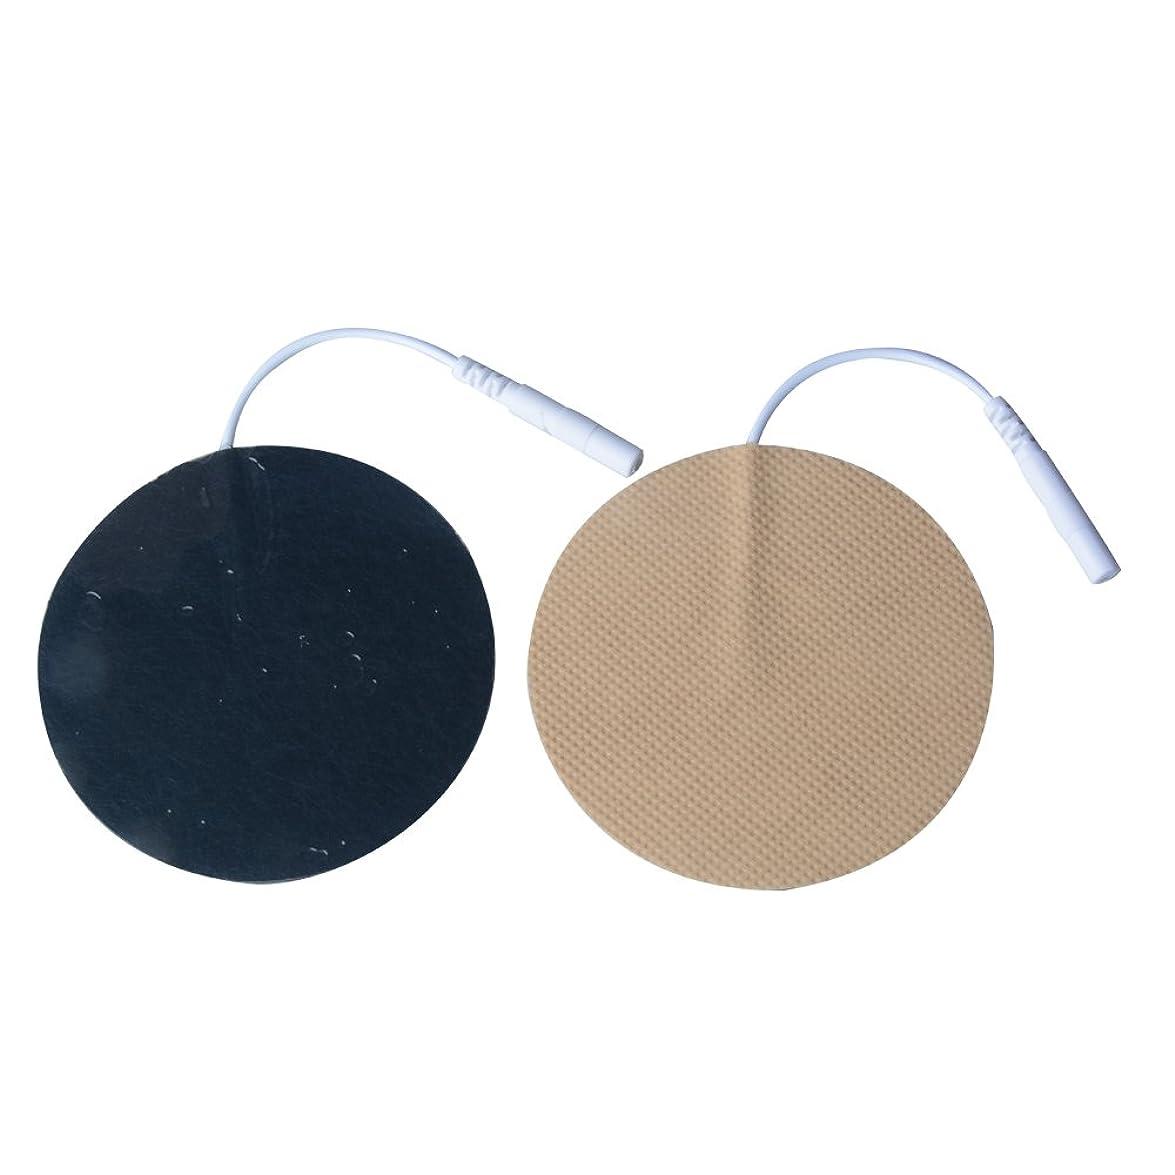 キャンセルロッドシャーロックホームズアクセルガード【EMS/TENS用粘着パッド】低周波用 電極パッド 粘着パッド 丸型 直径 7 cm 10ペア/20枚入り